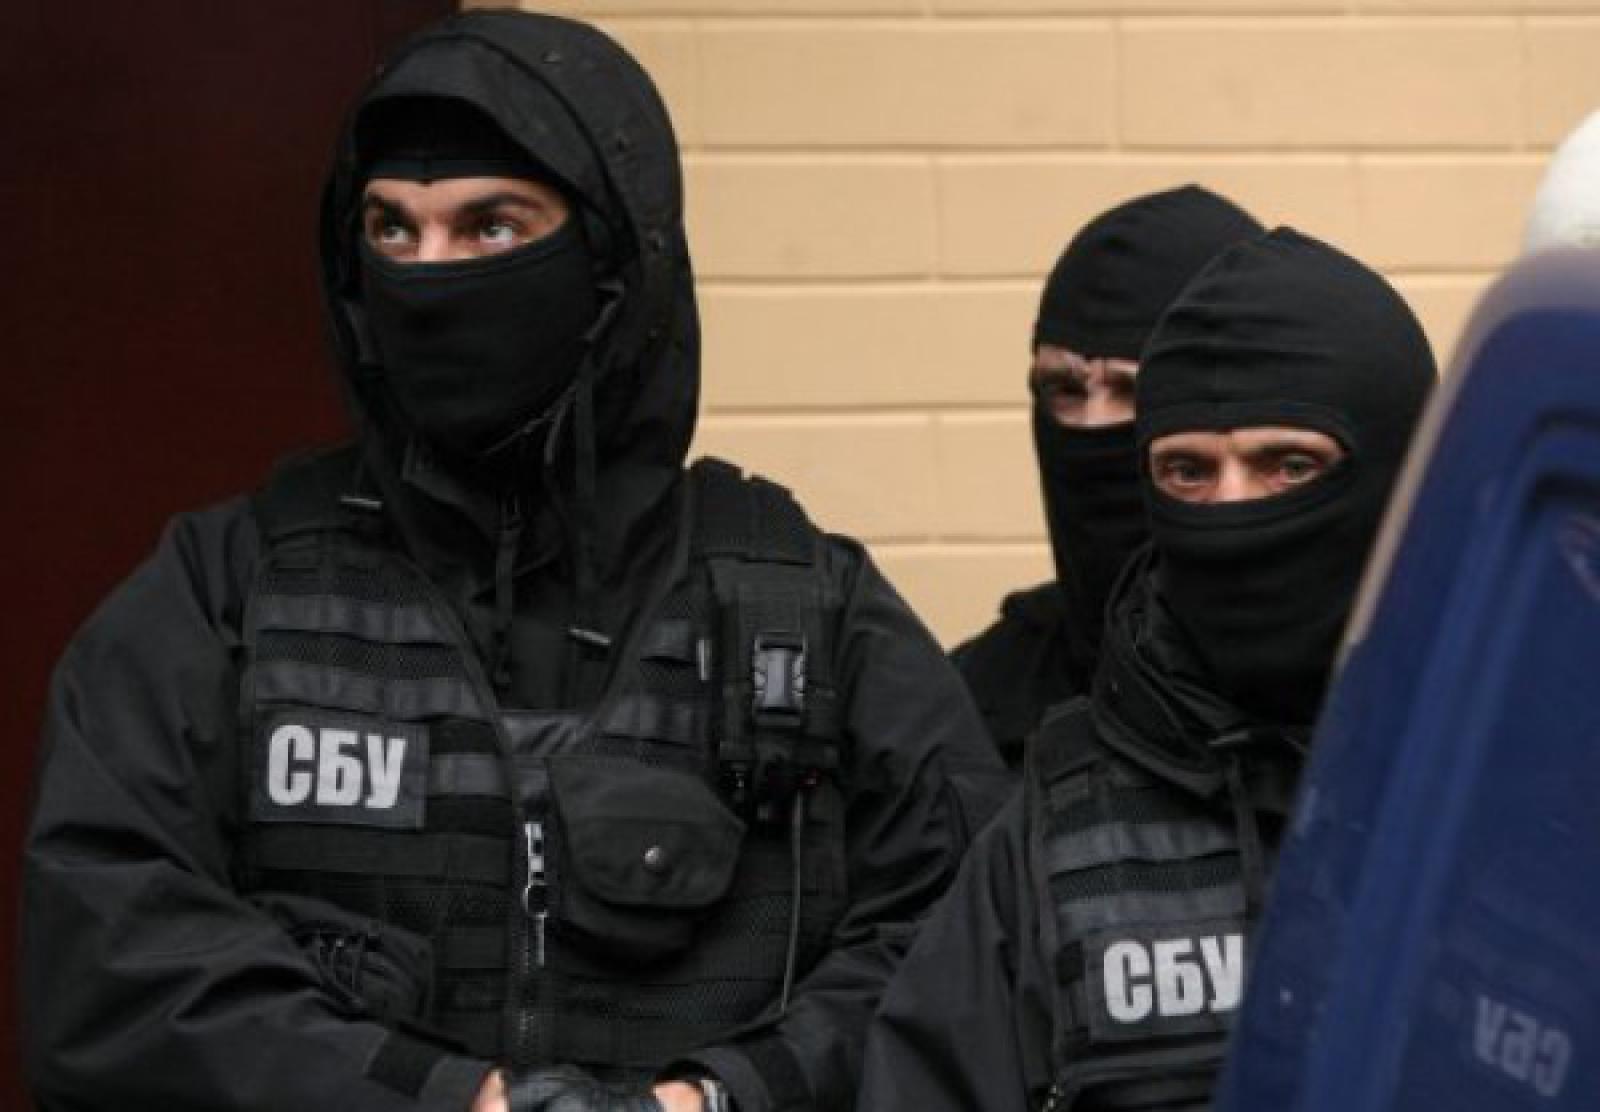 Син одного з керівниців СБУ став заступником прокурора Полтавської області